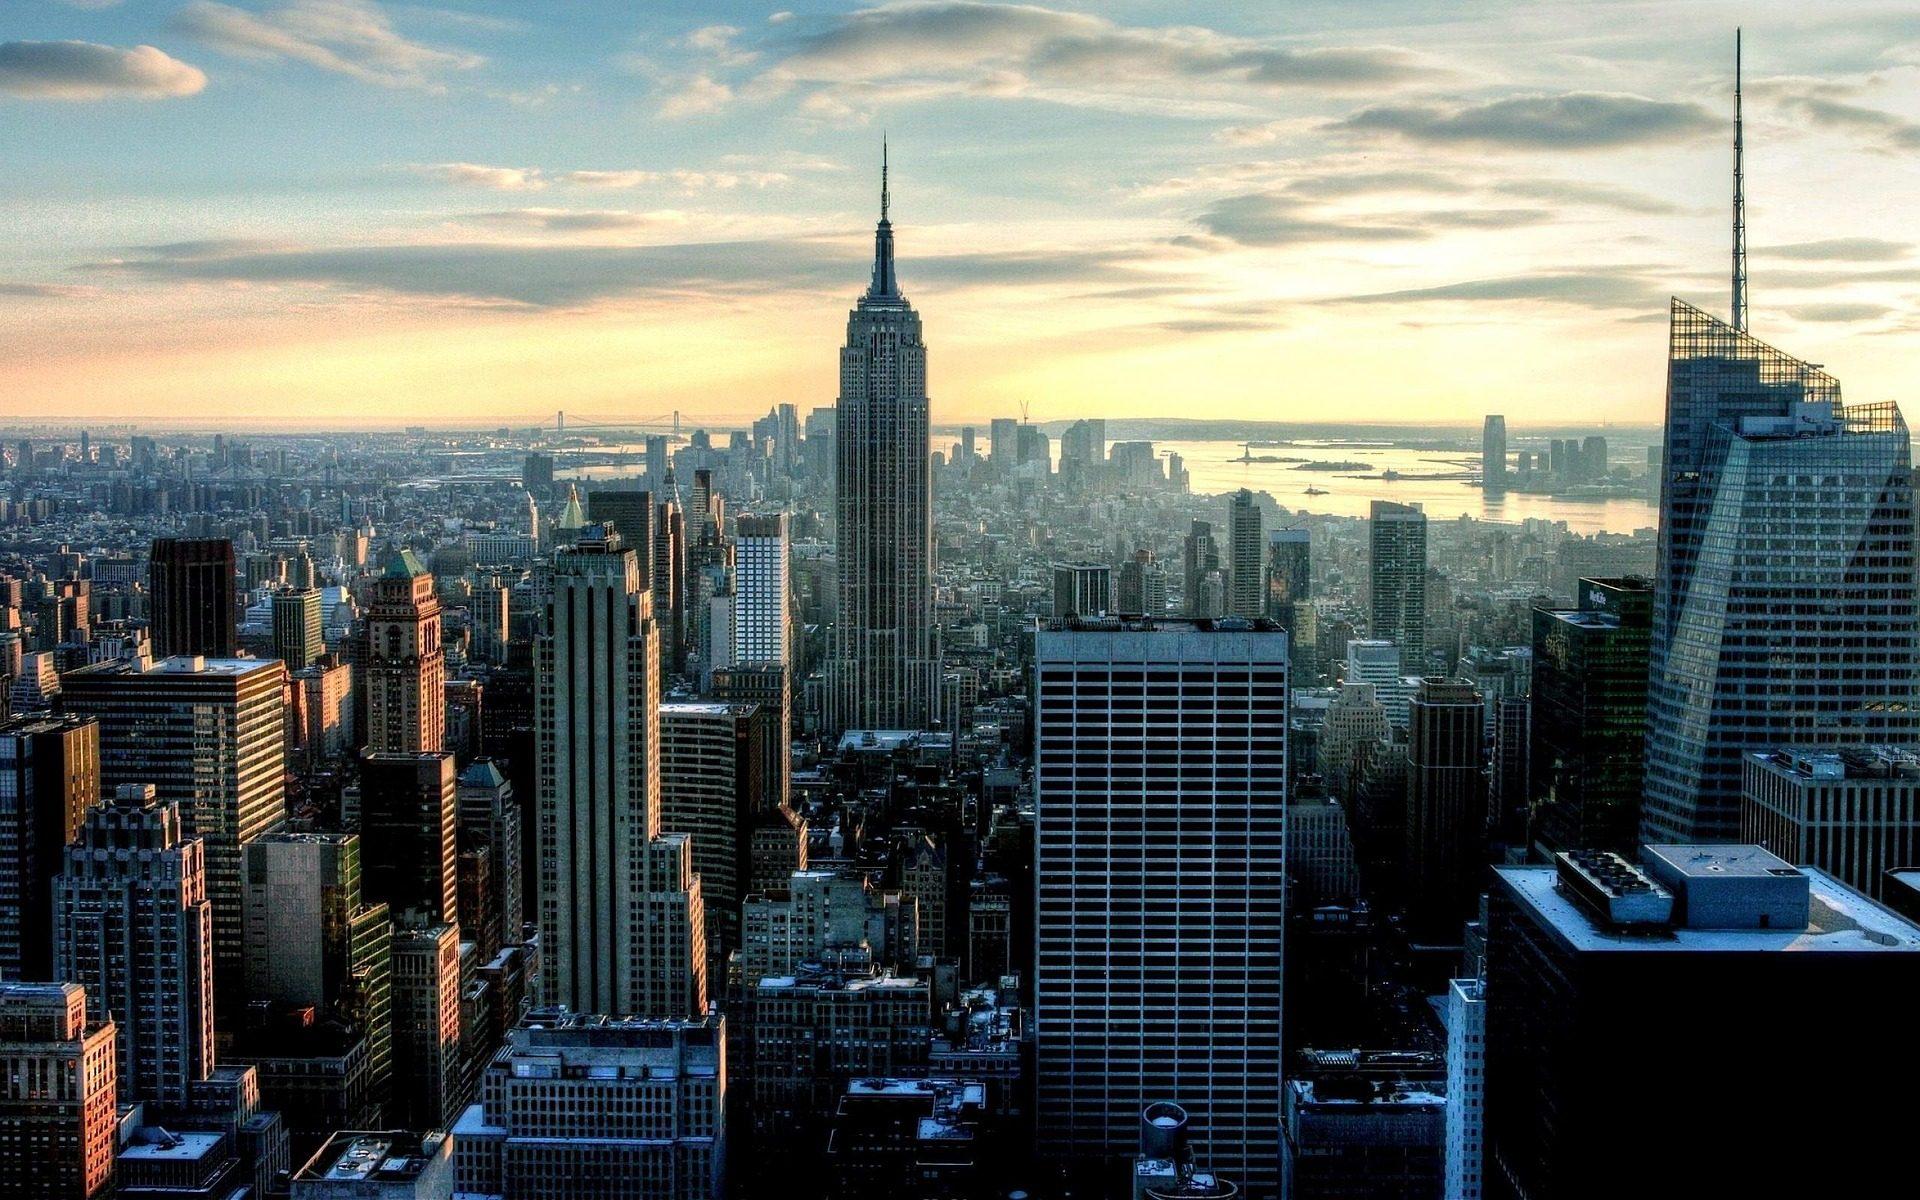 Cidade, arranha-céu, edifícios, Metrópolis, Céu - Papéis de parede HD - Professor-falken.com